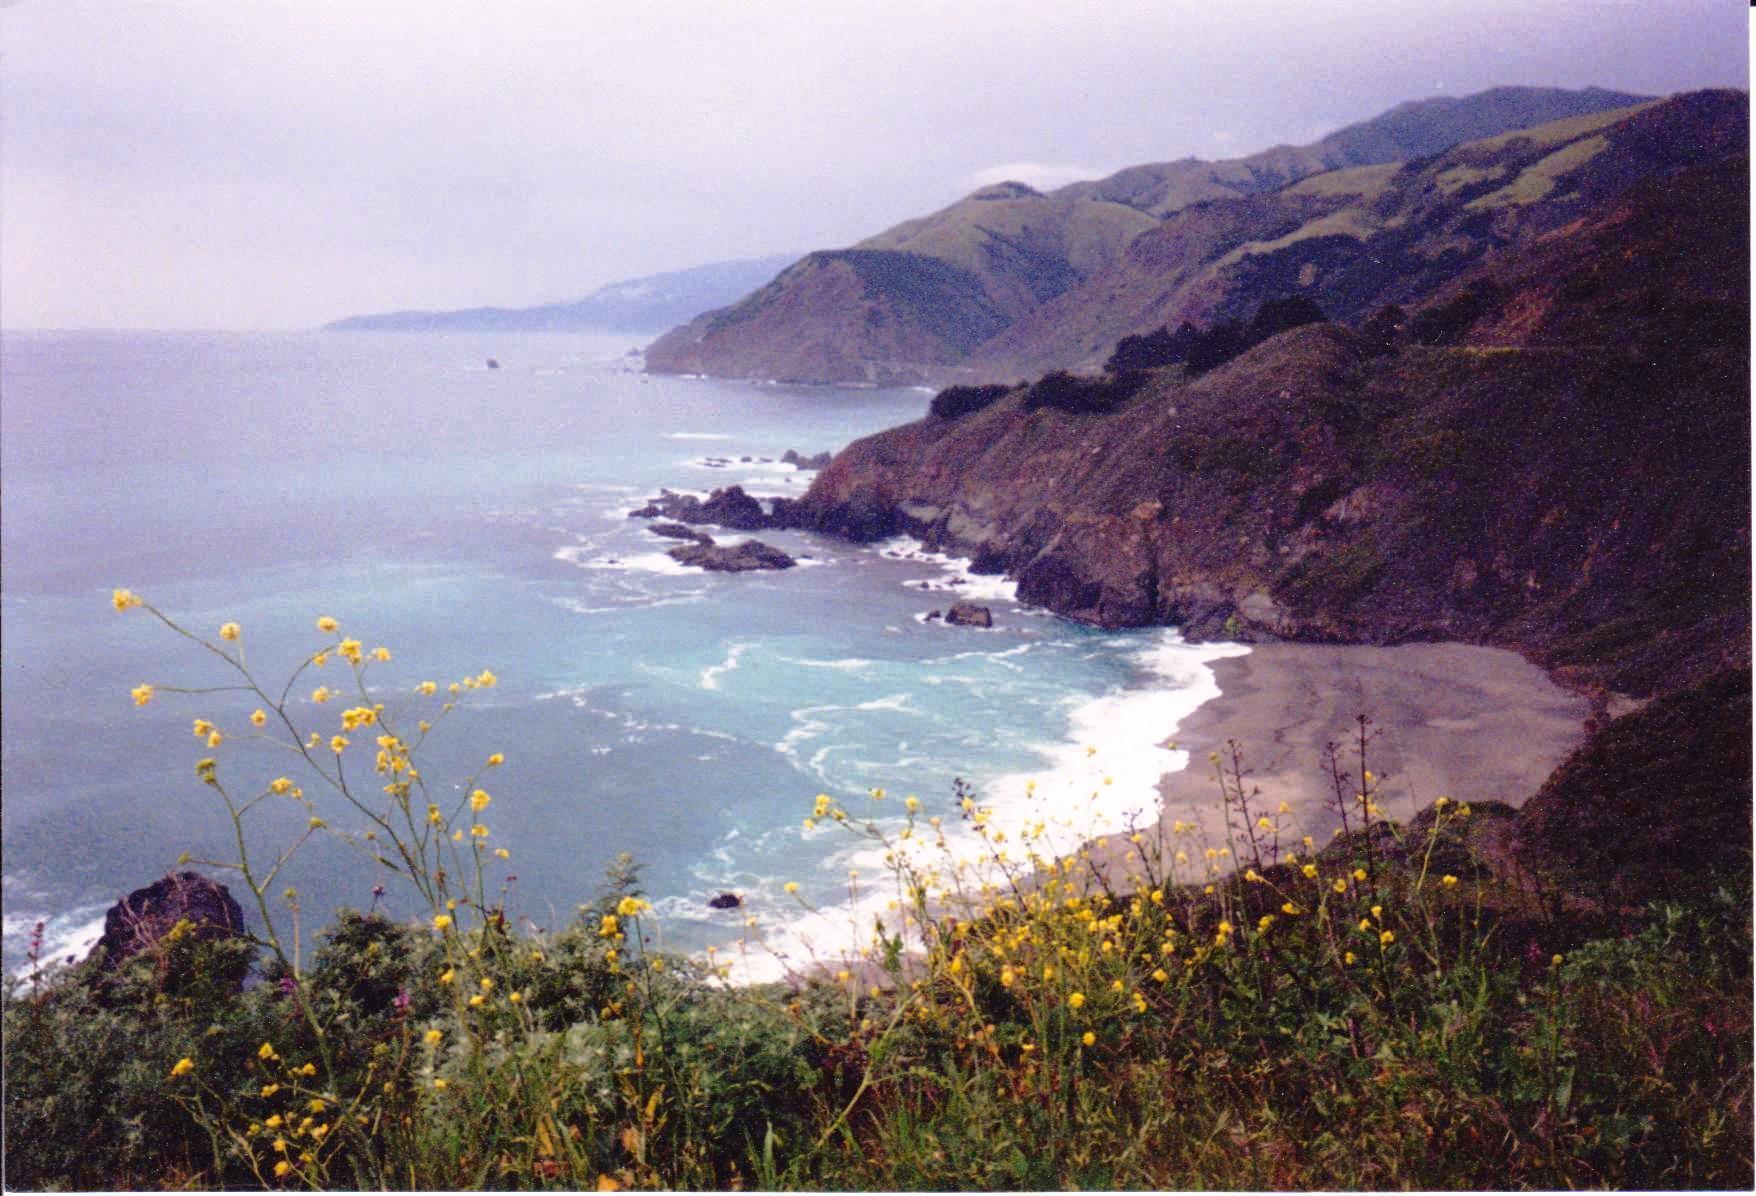 Beach and cliffs Spring break road trip.jpg